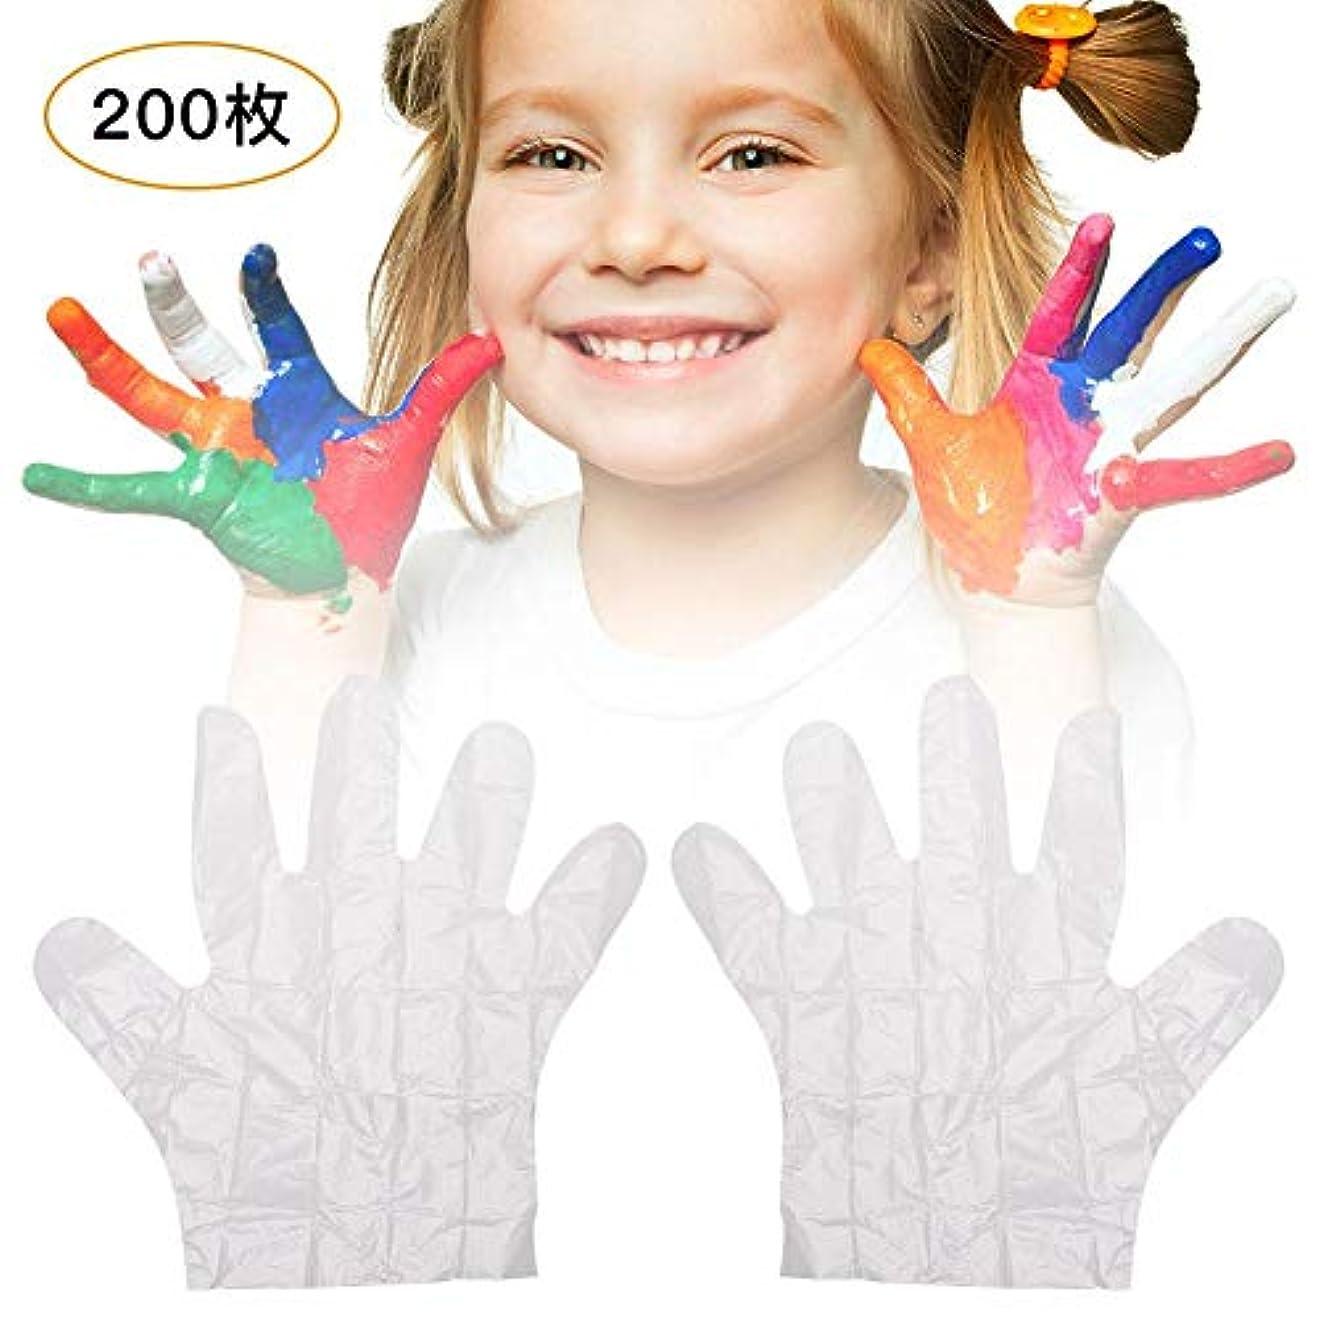 可動軽減するトレード使い捨て手袋 子供用 極薄ビニール手袋 LUERME ポリエチレン 透明 実用 衛生 100枚/200枚セット 左右兼用